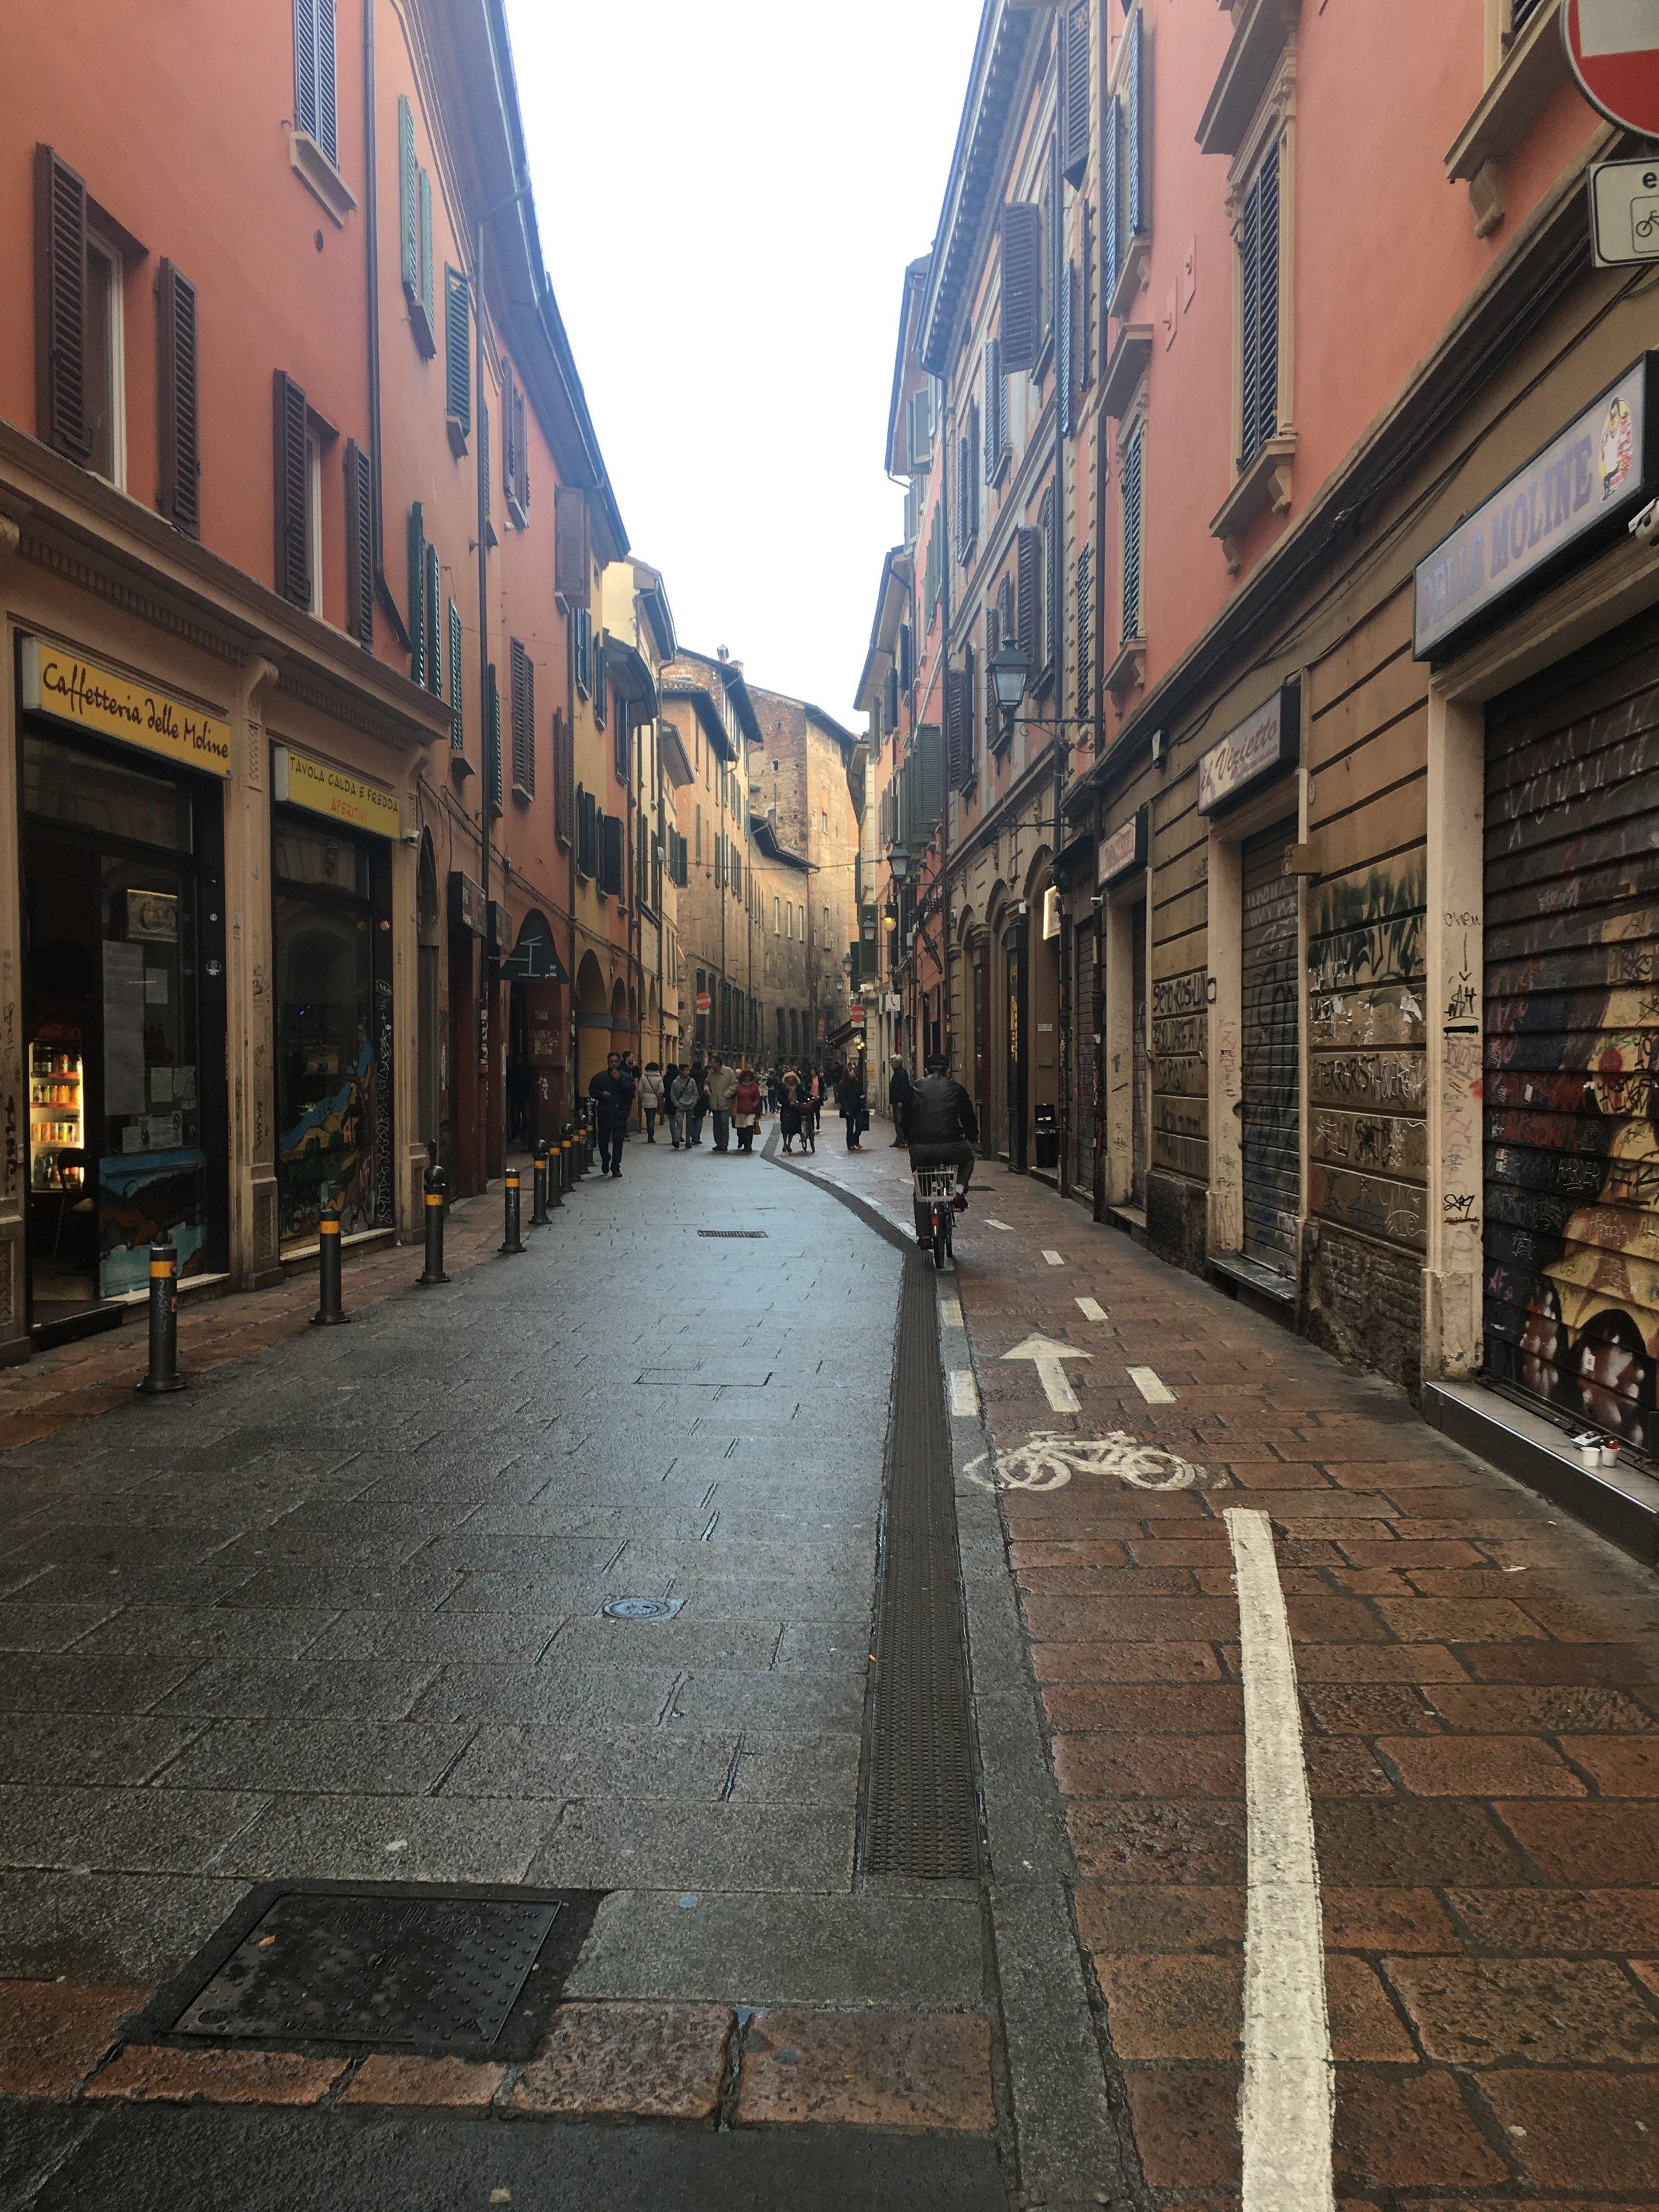 Uma das ruas do labirinto que é a cidade de Bologna. Lugar perfeito pra deixar-se perder e encontrar lugares super-inusitados.